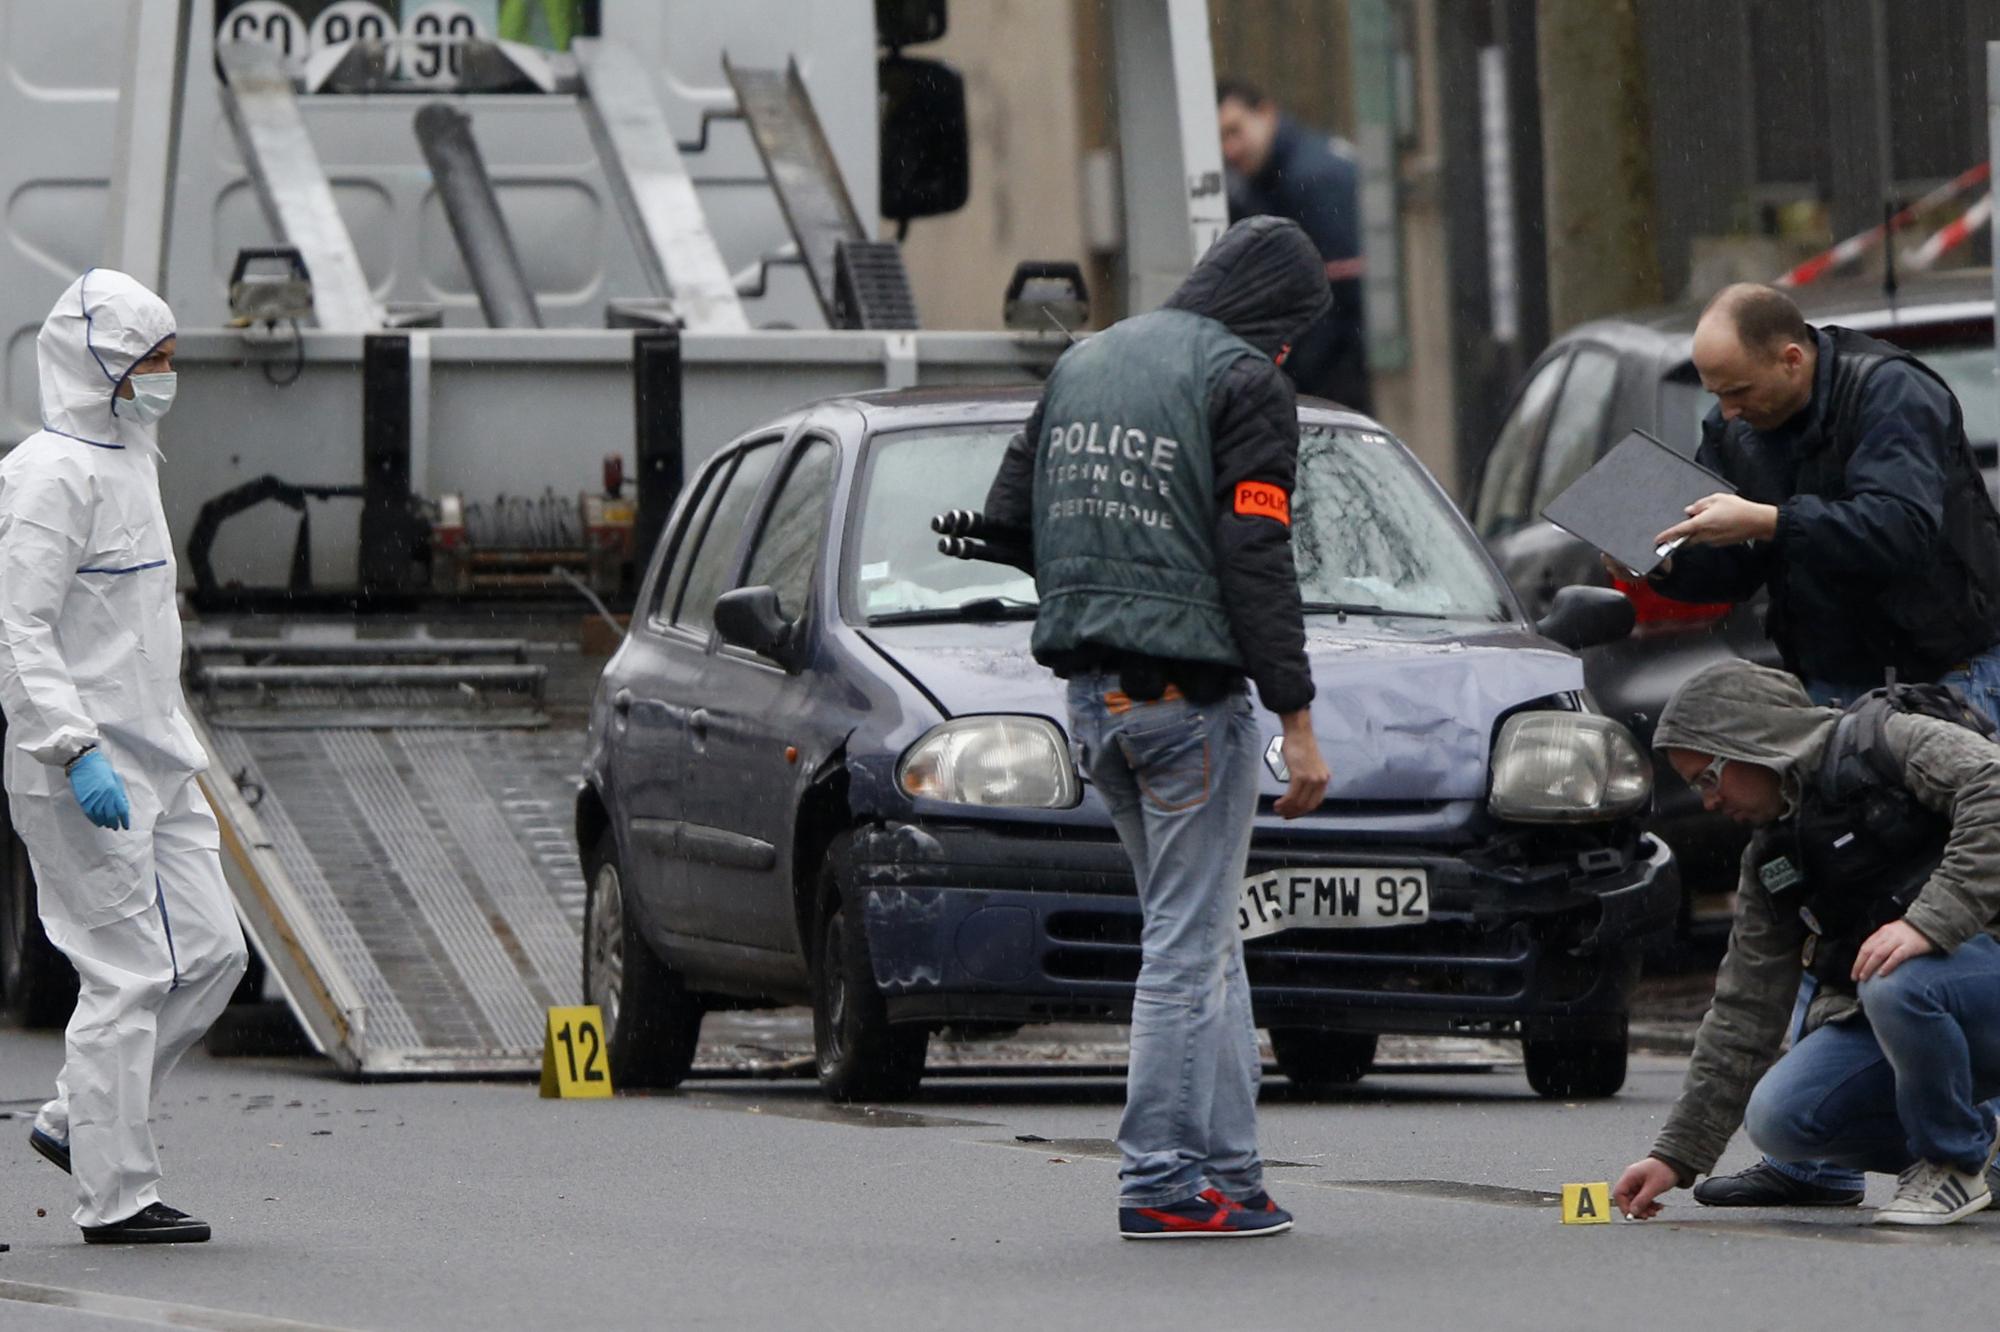 Le troisième kamikaze de la tuerie du Bataclan identifié